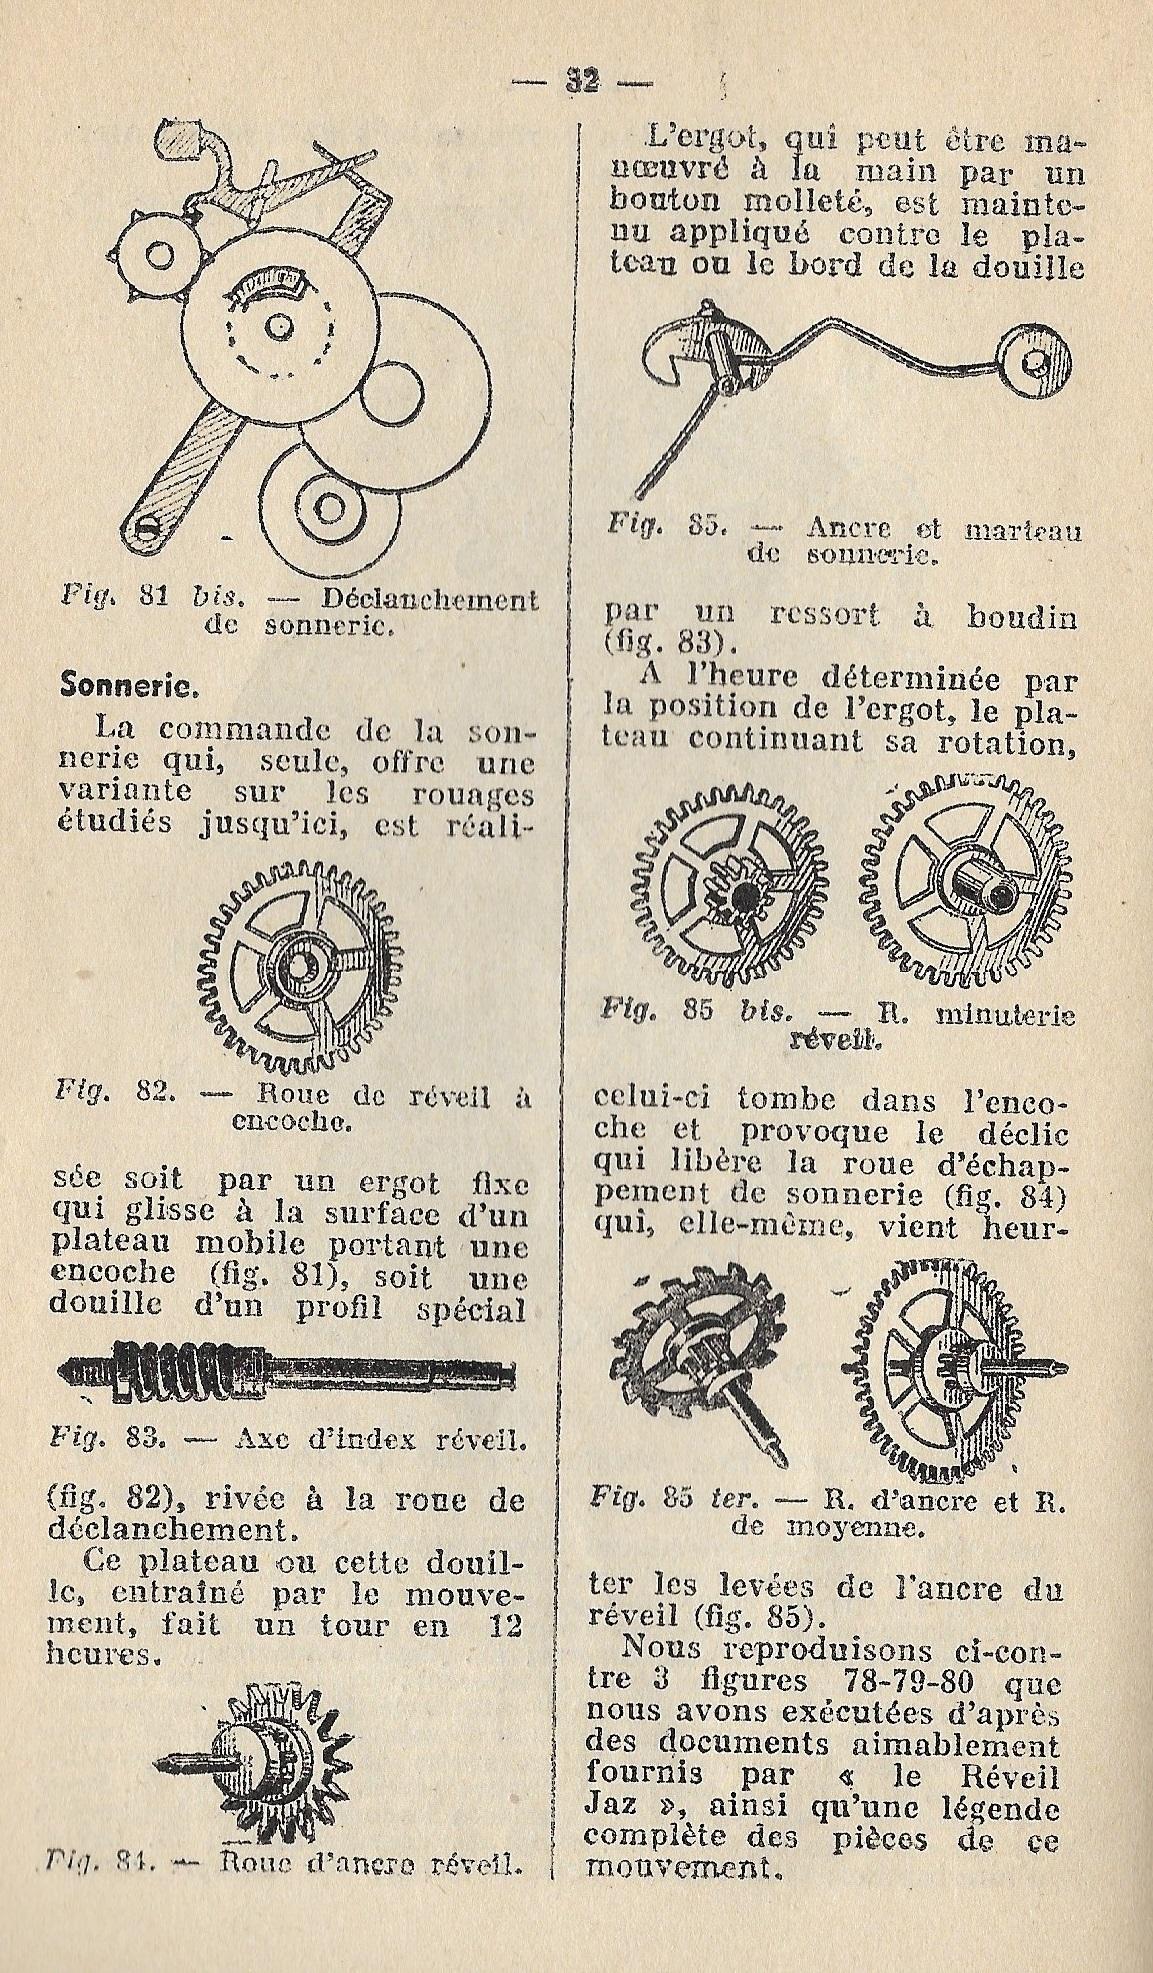 Les_livres_jaunes page 32